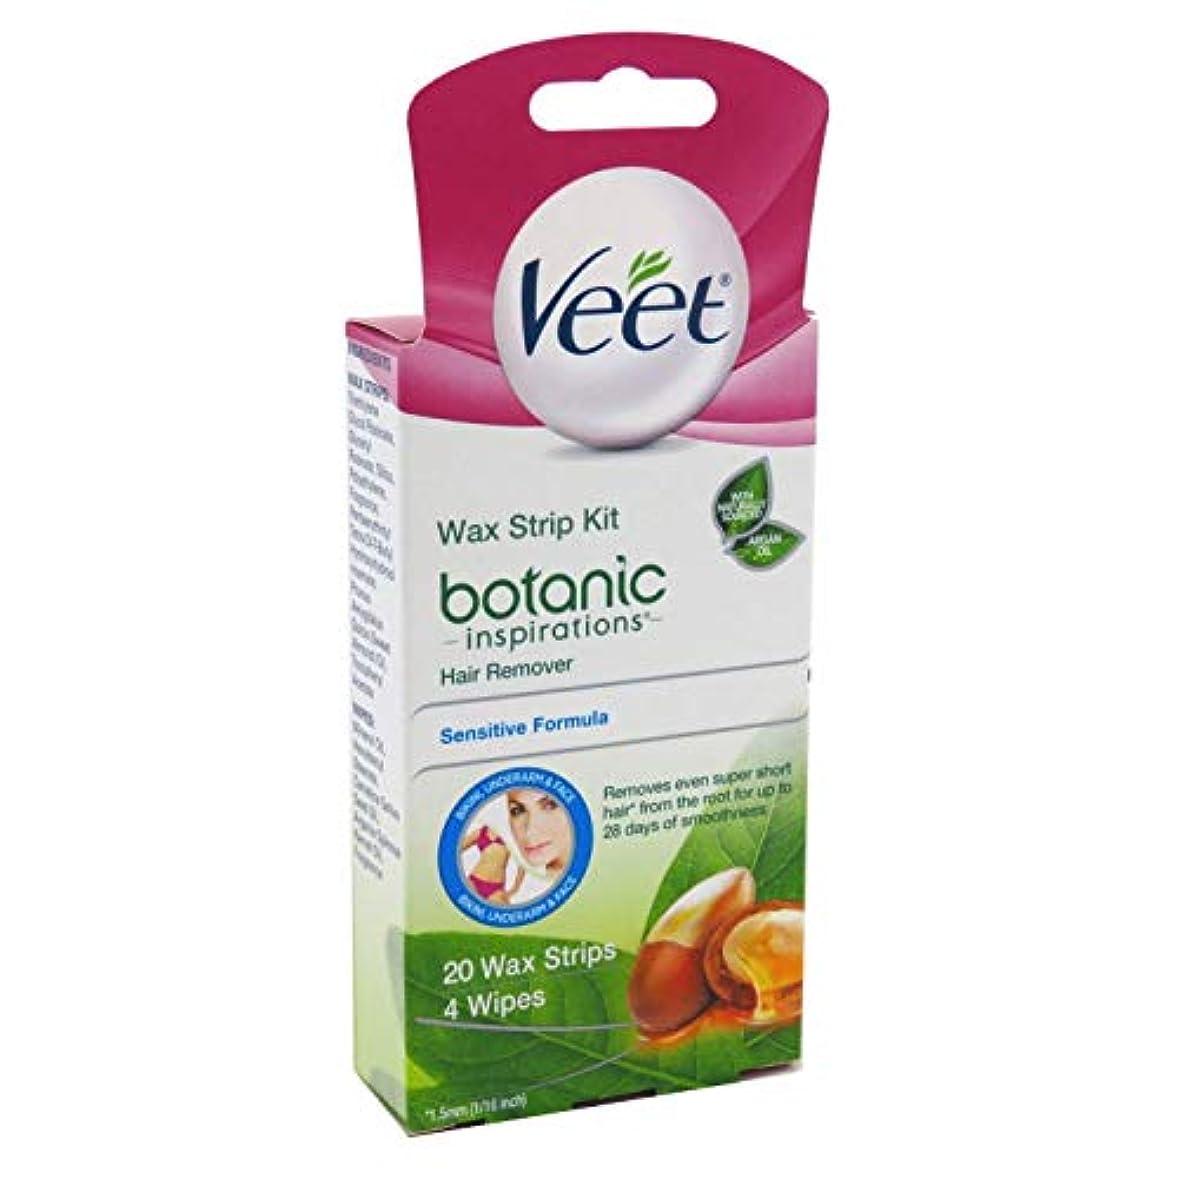 高めるステンレス援助するVeet ワックスは、ボディ、ビキニ&フェイス20 Eaは(8パック)のために髪リムーバーを取り除き使用する準備ができて 8パック